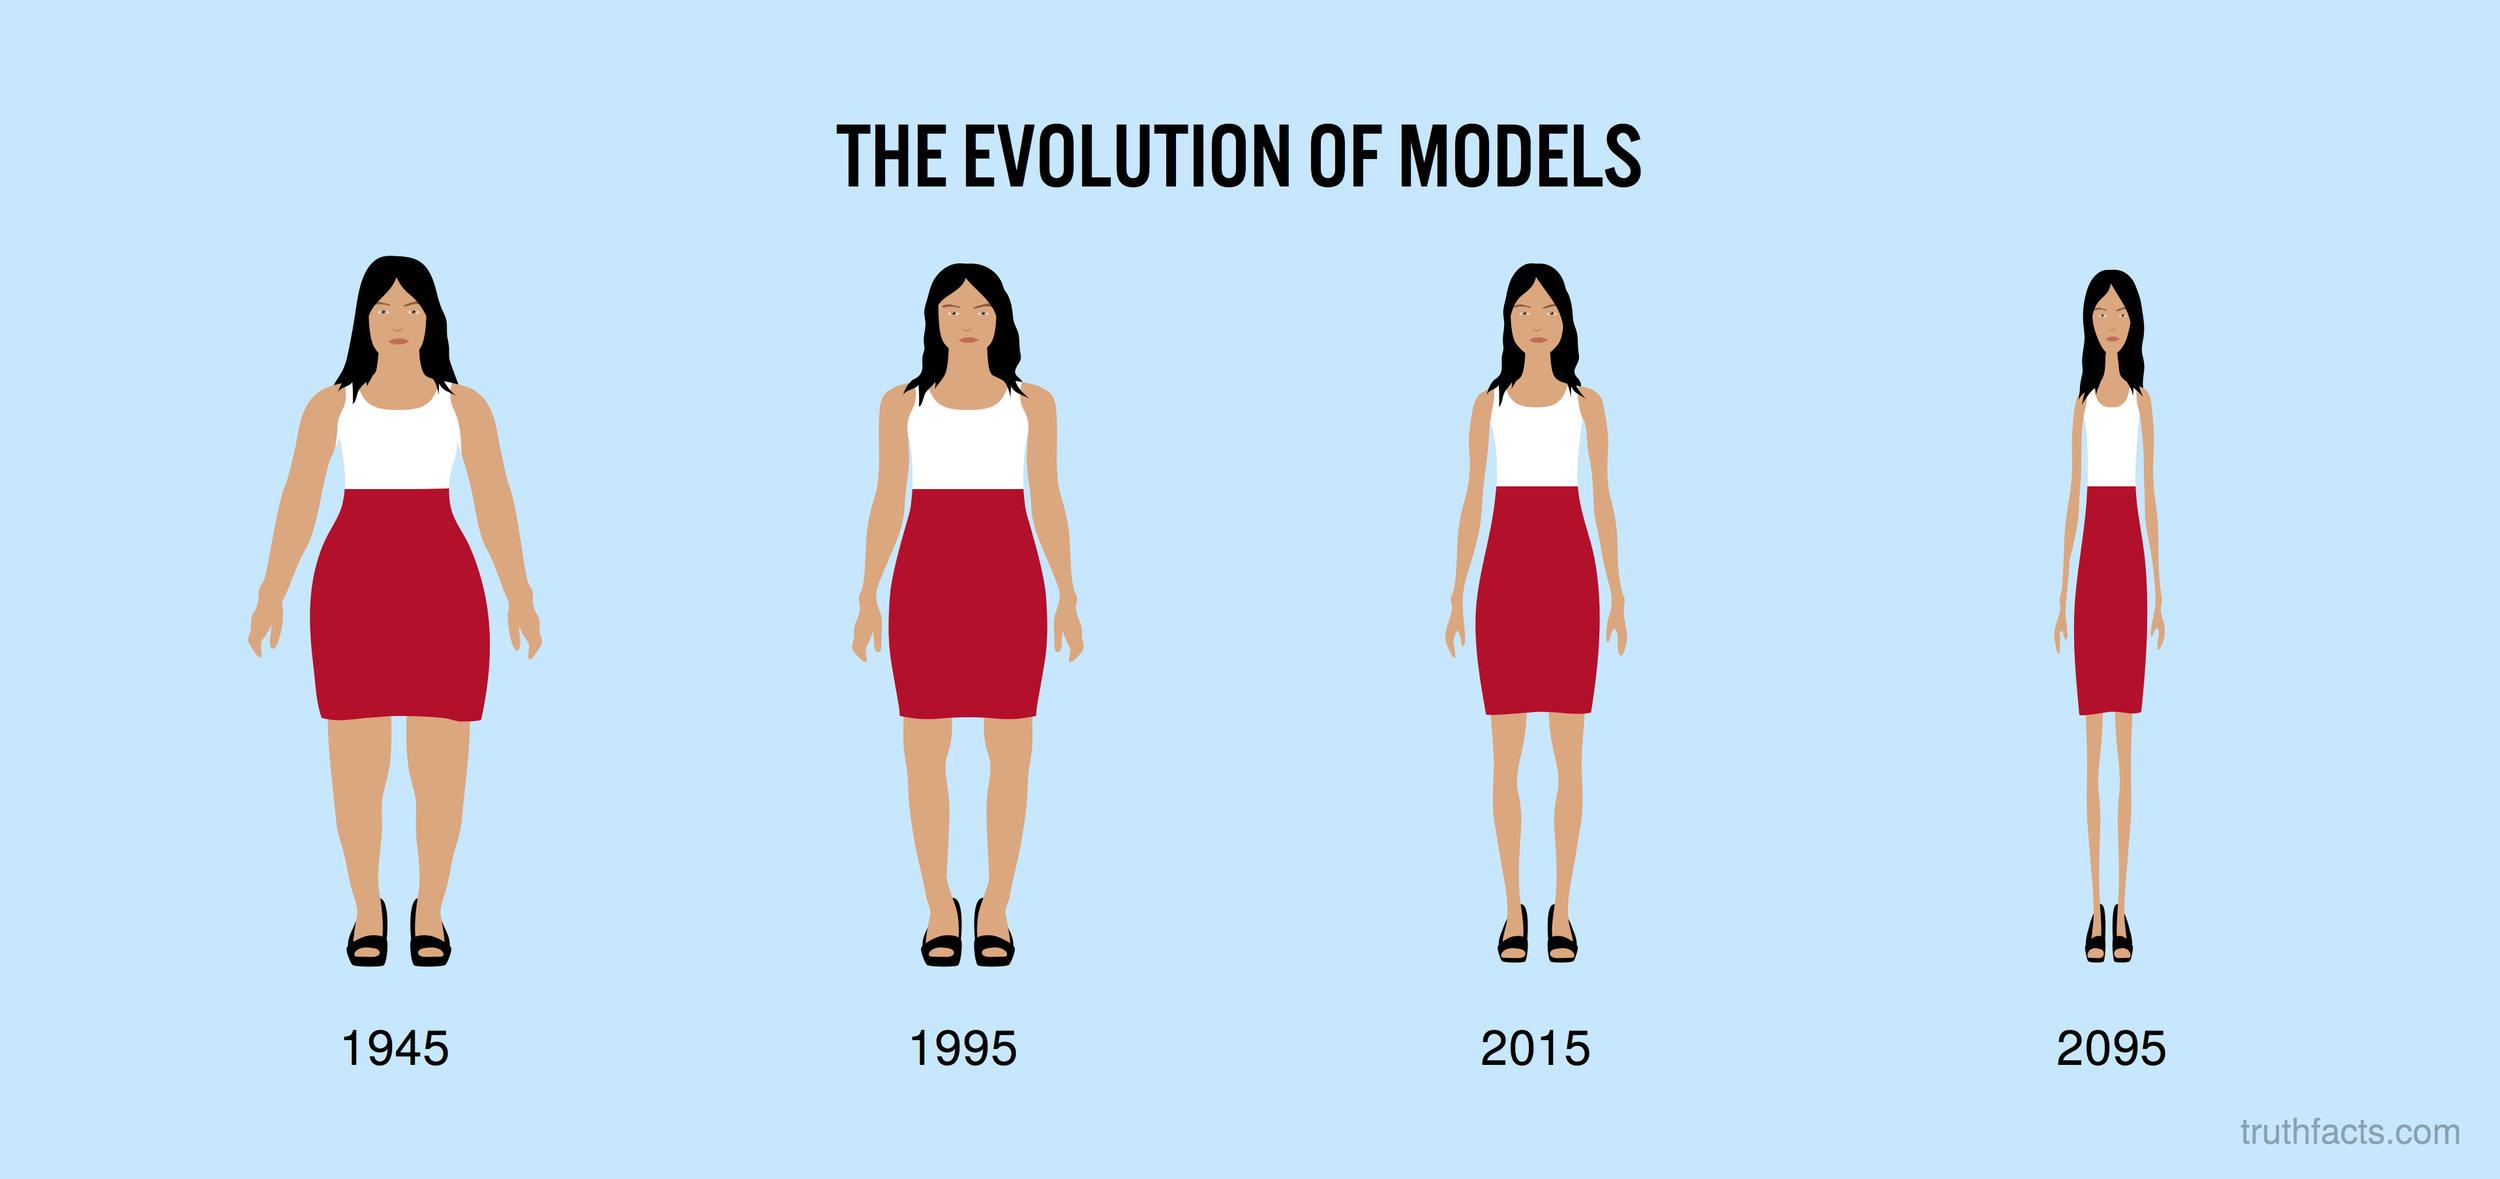 The evolution of models